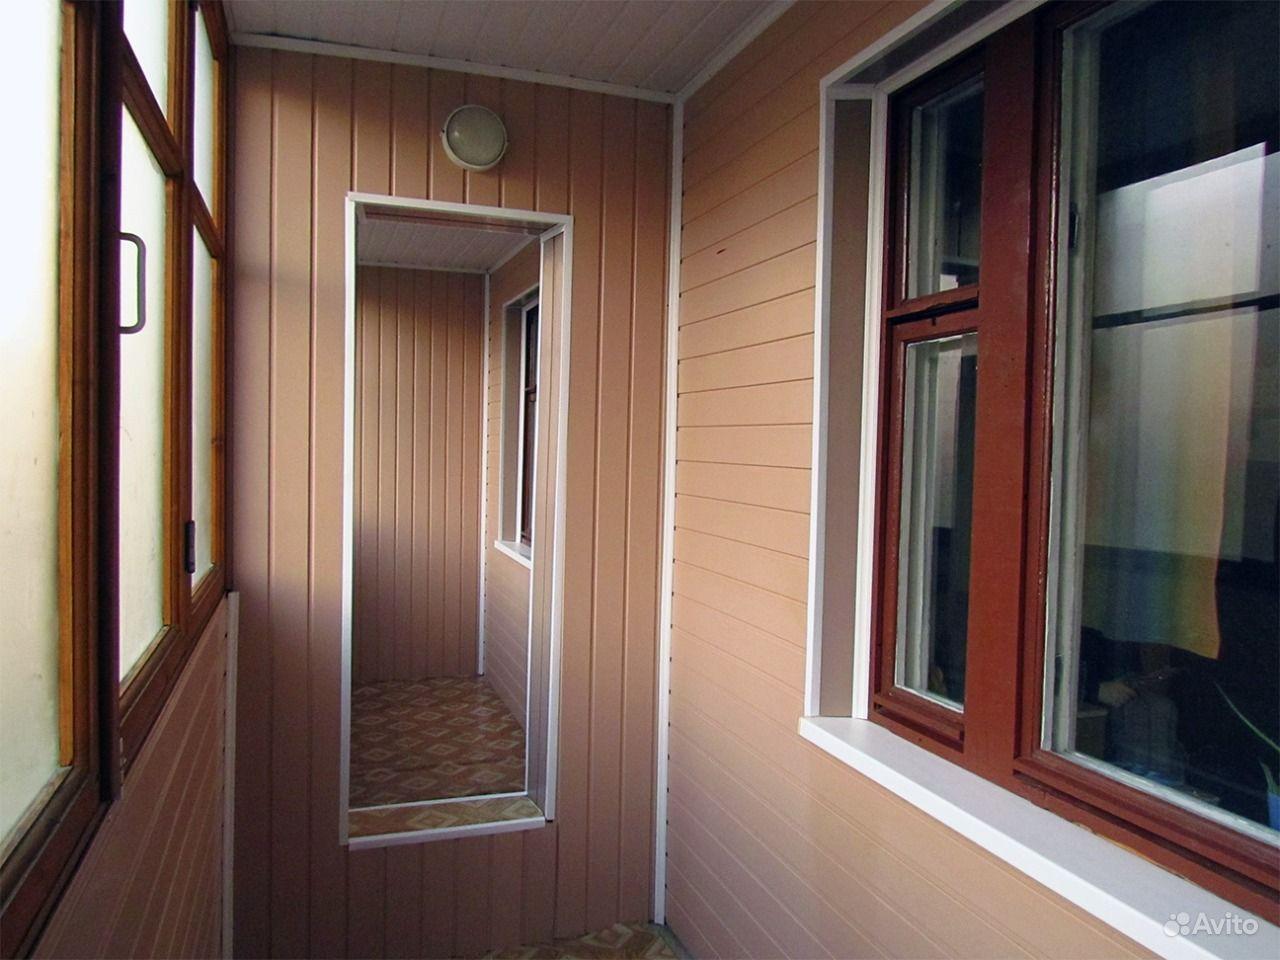 Ремонт двойных балконов фото. - поновее - каталог статей - в.